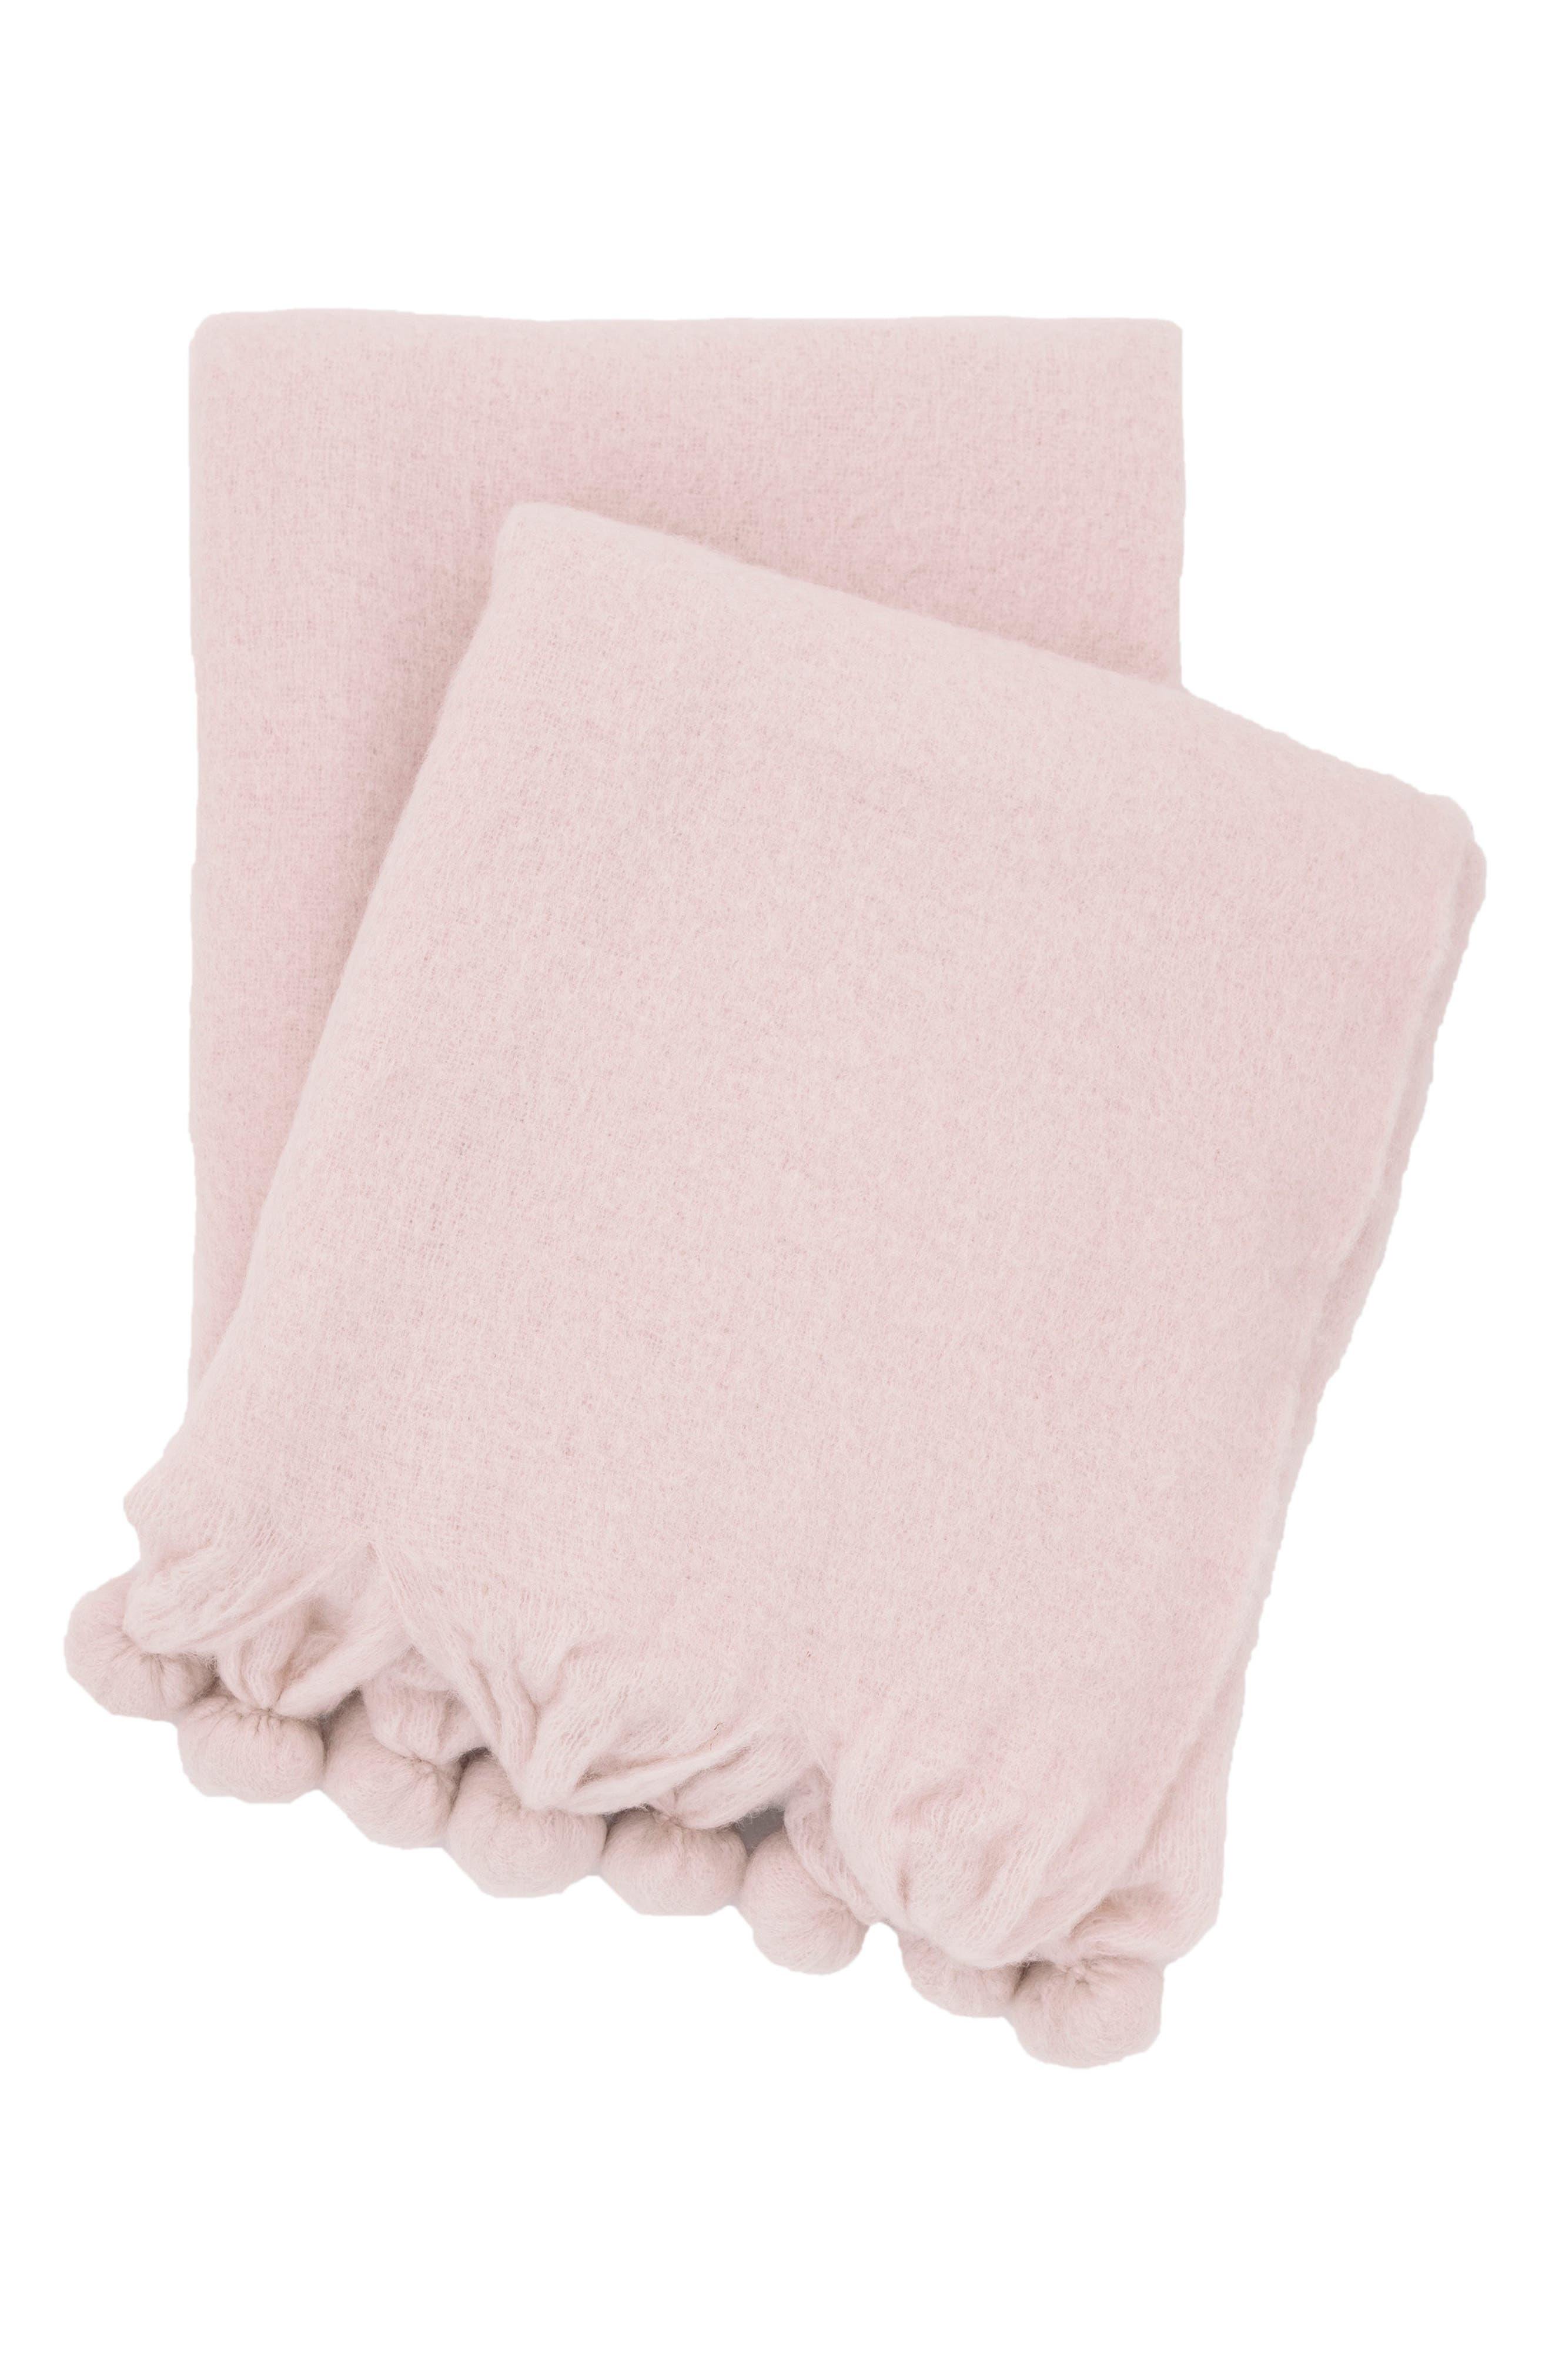 Pompom Throw,                         Main,                         color, Pink